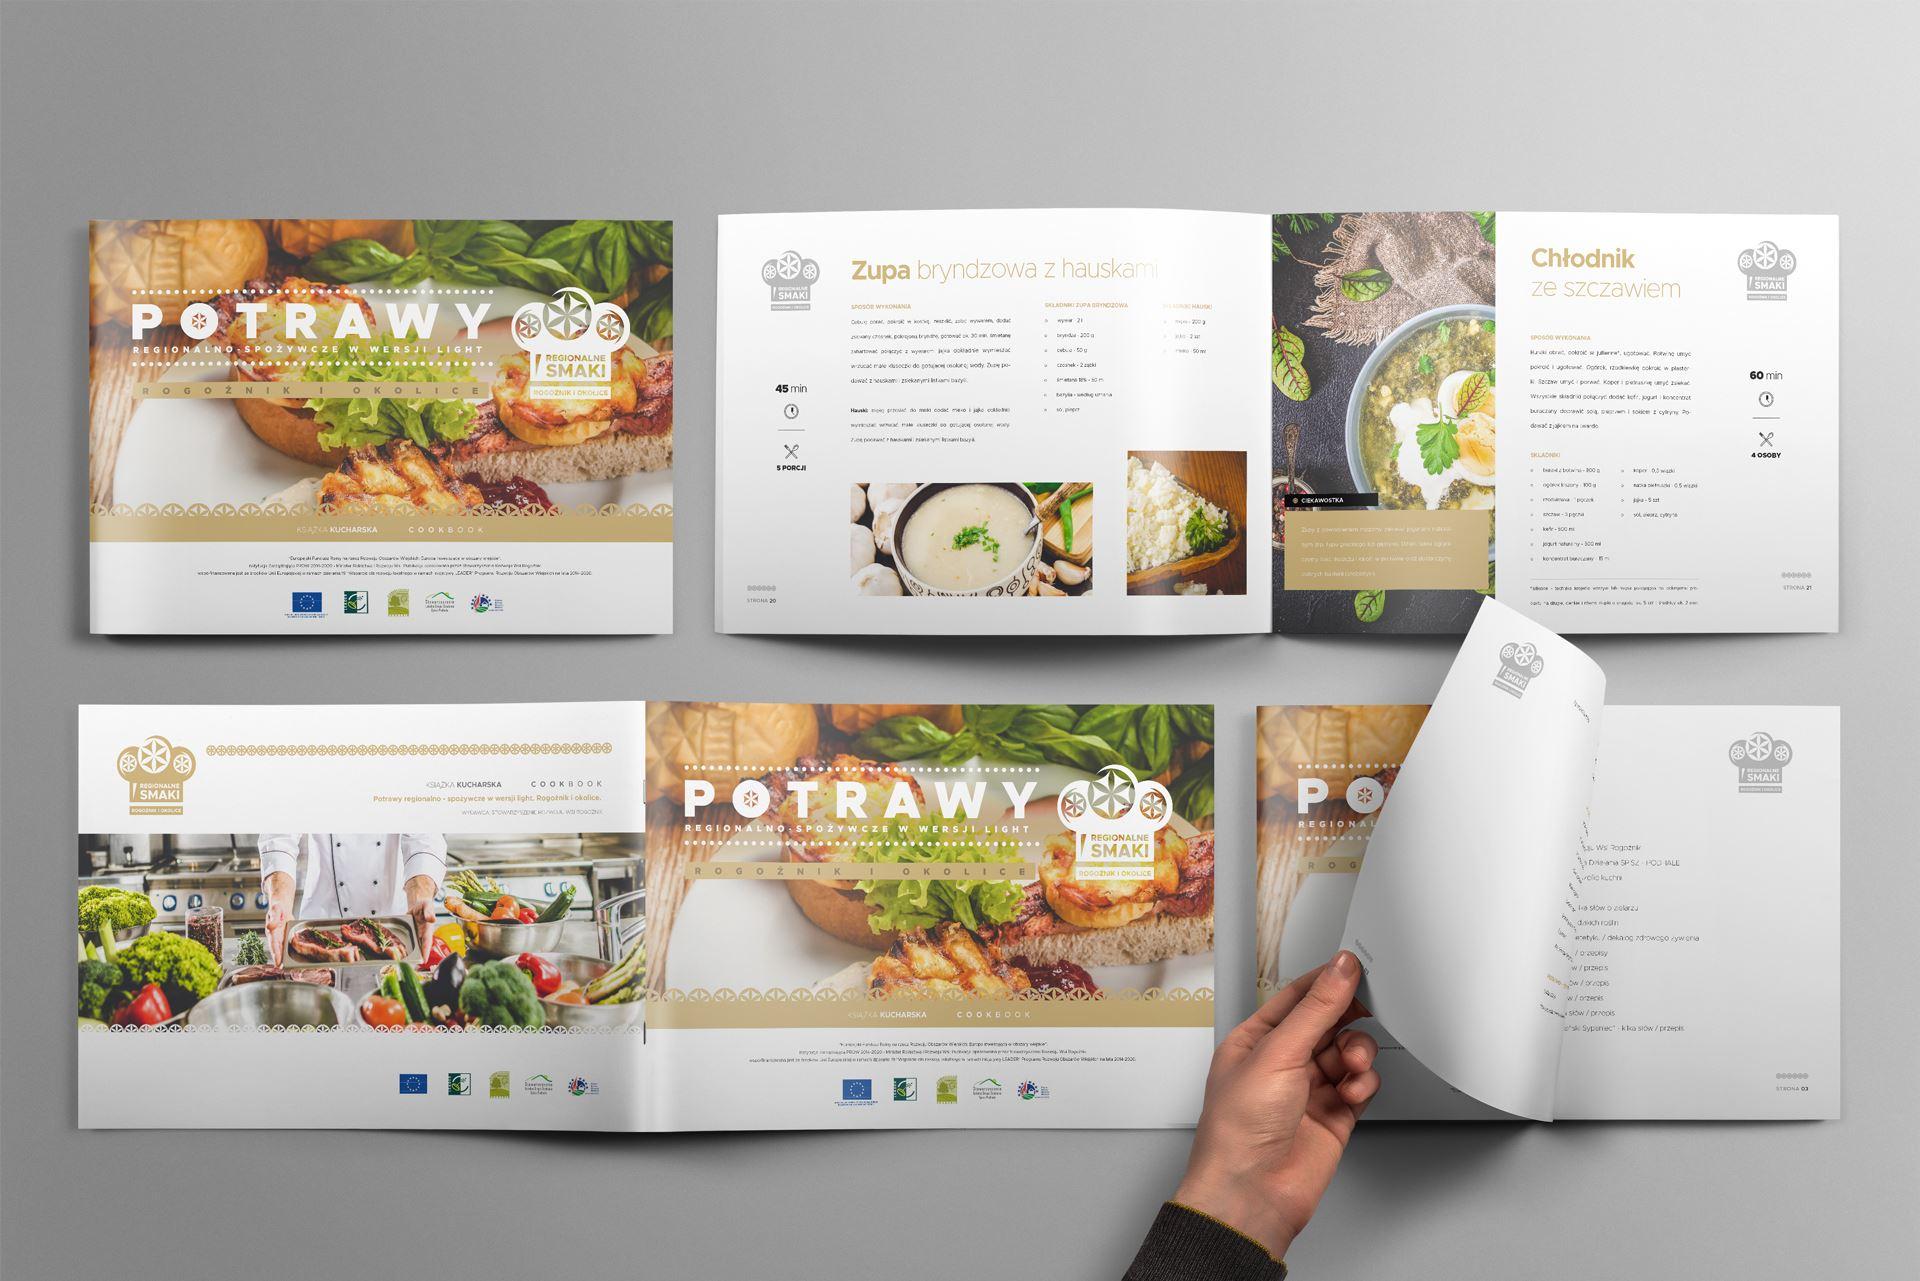 Regionalne smaki 13 landscape brochure mockup